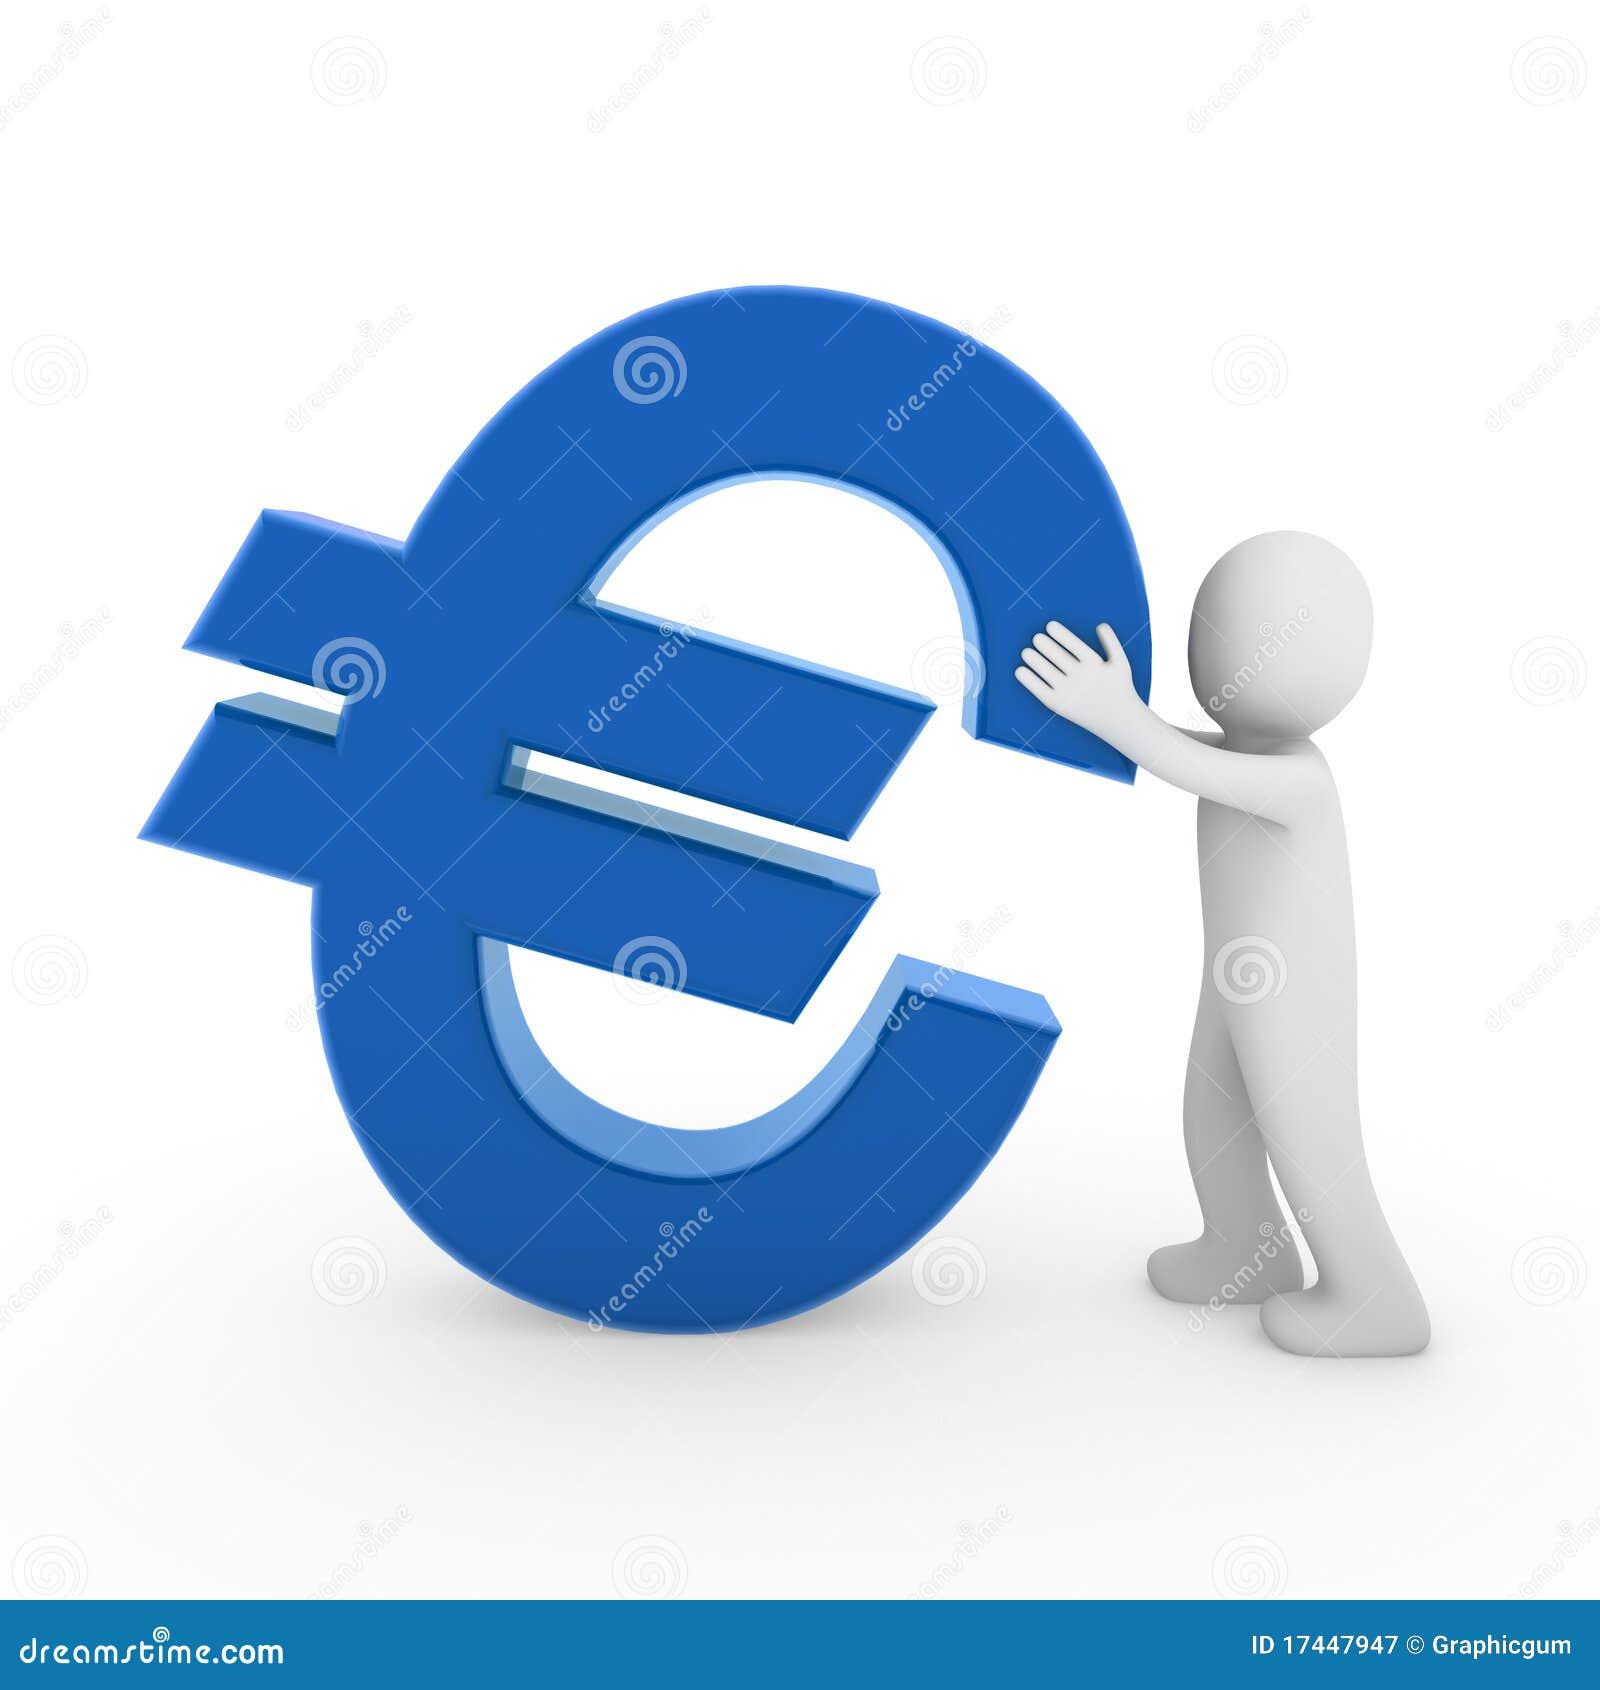 euro 3d humain illustration stock illustration du c t 17447947. Black Bedroom Furniture Sets. Home Design Ideas